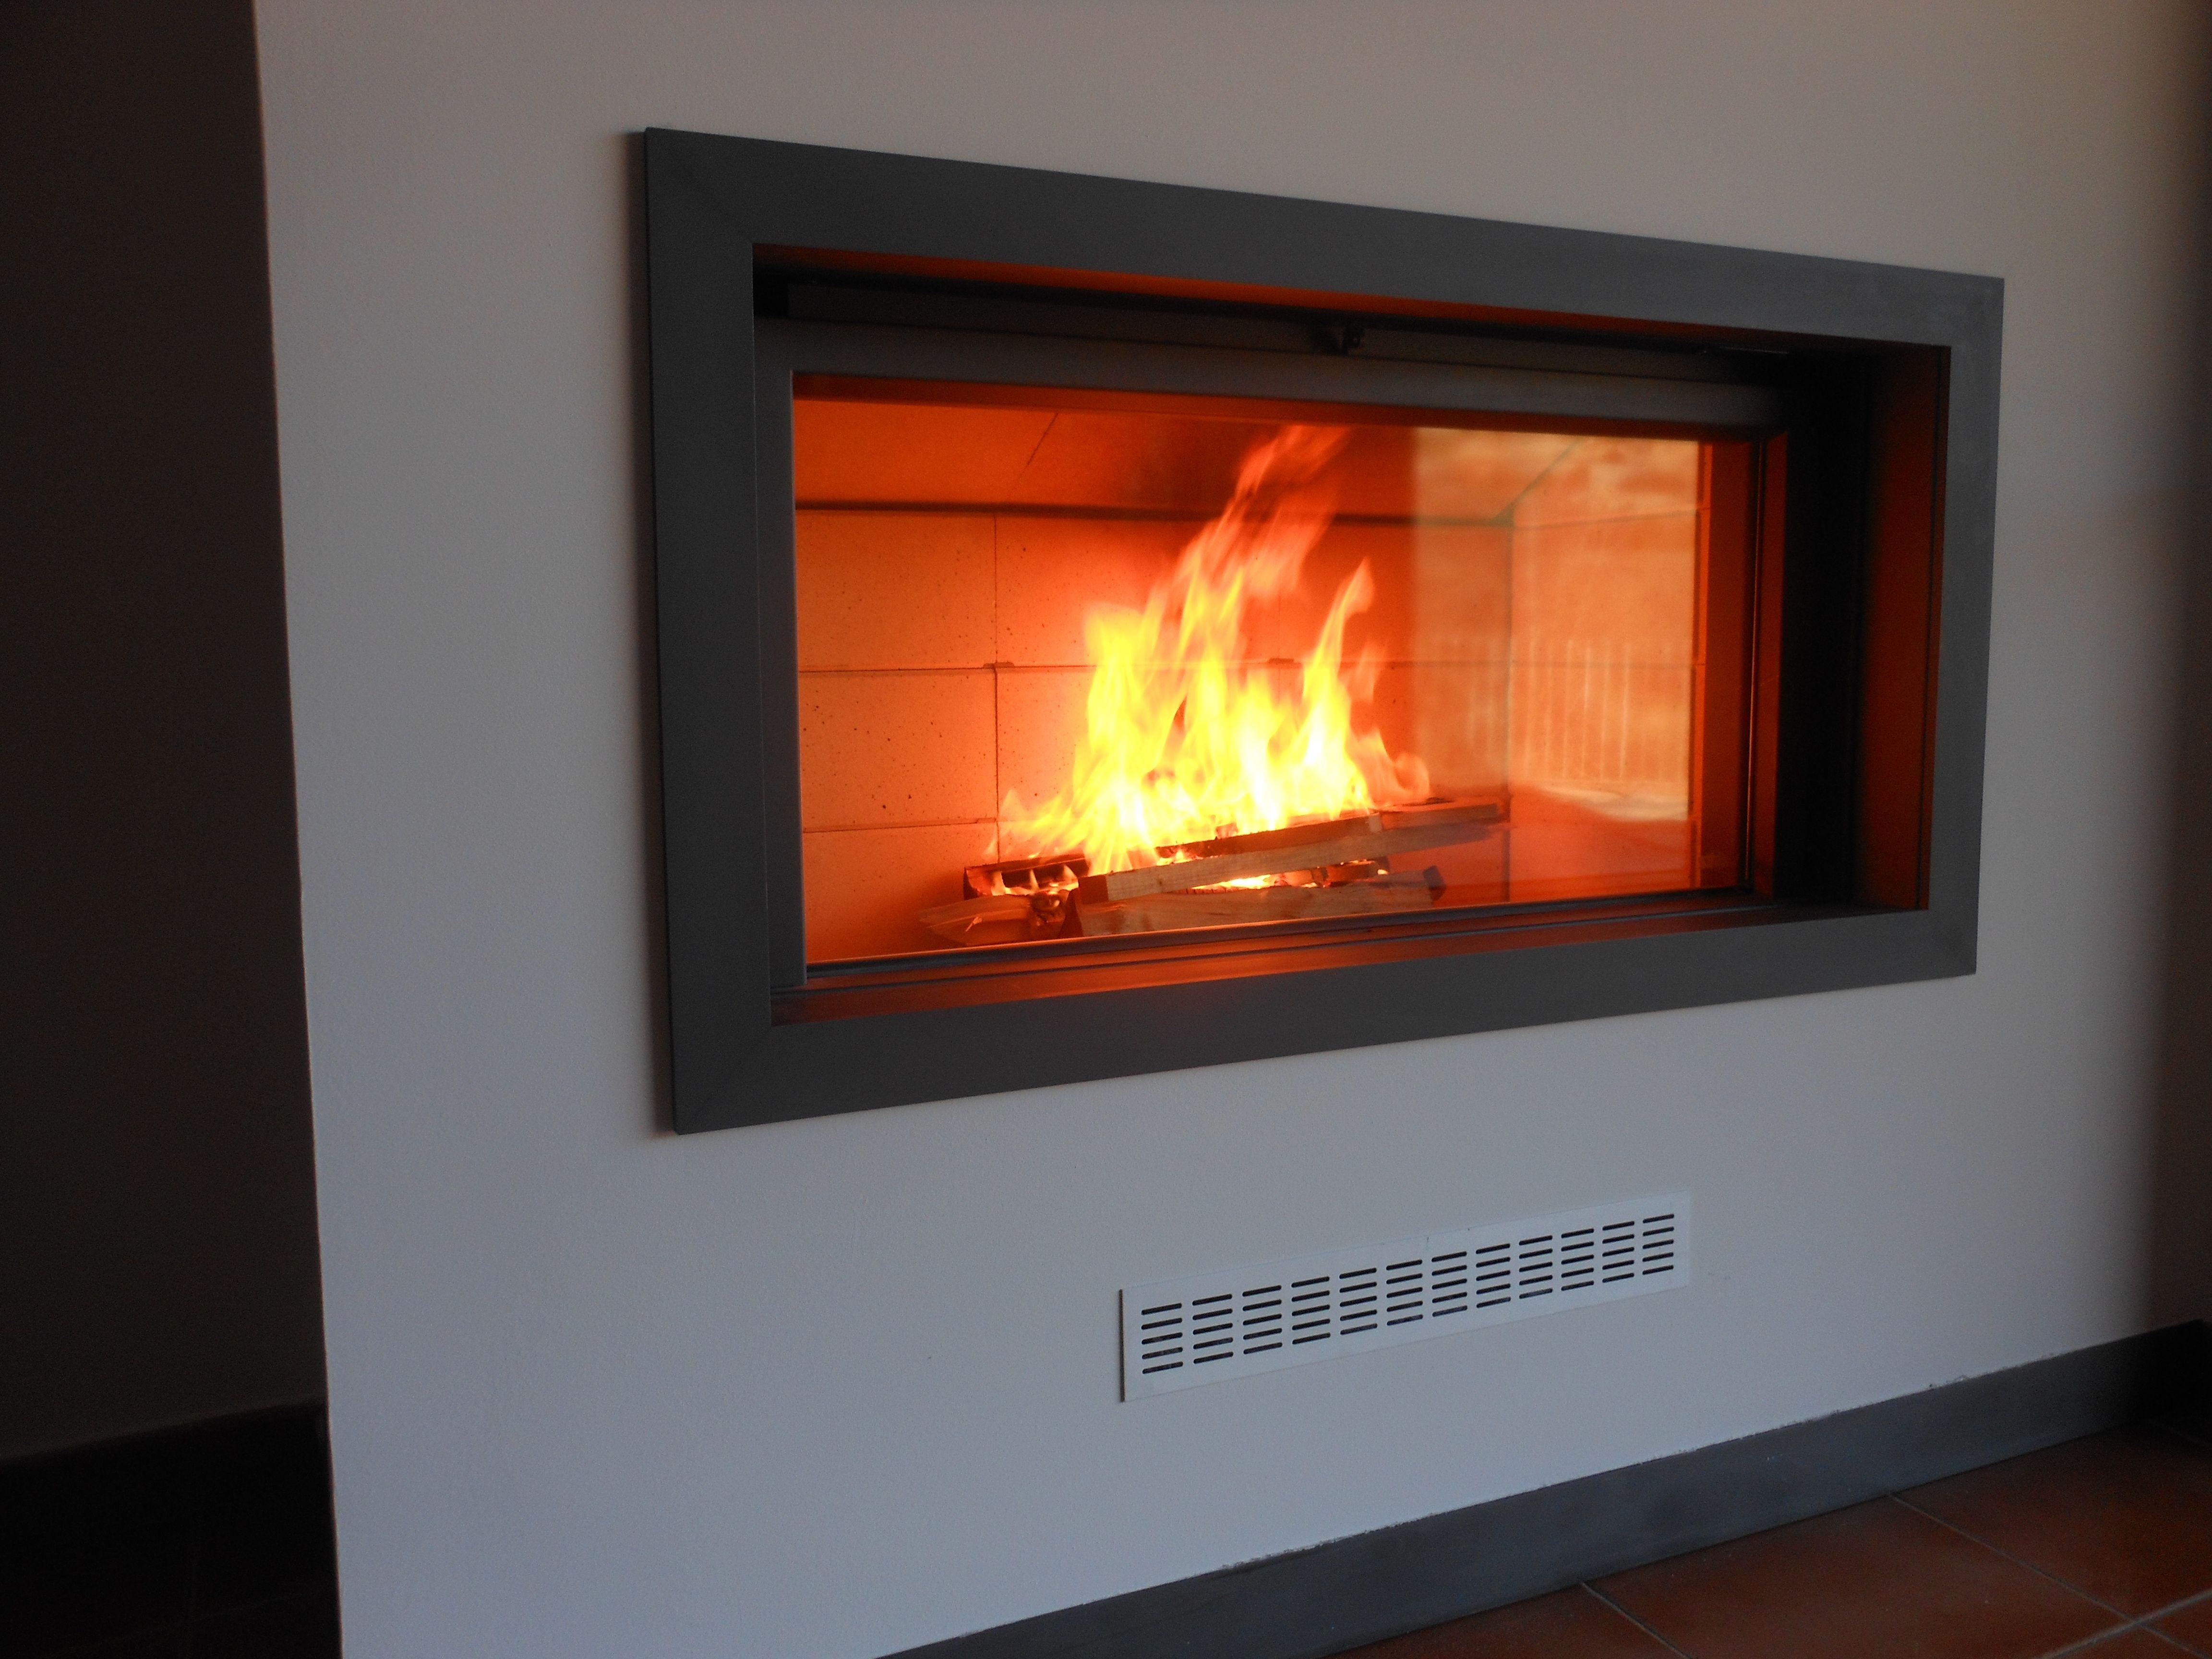 stuv 21 105 fireplace in the living room Pinterest